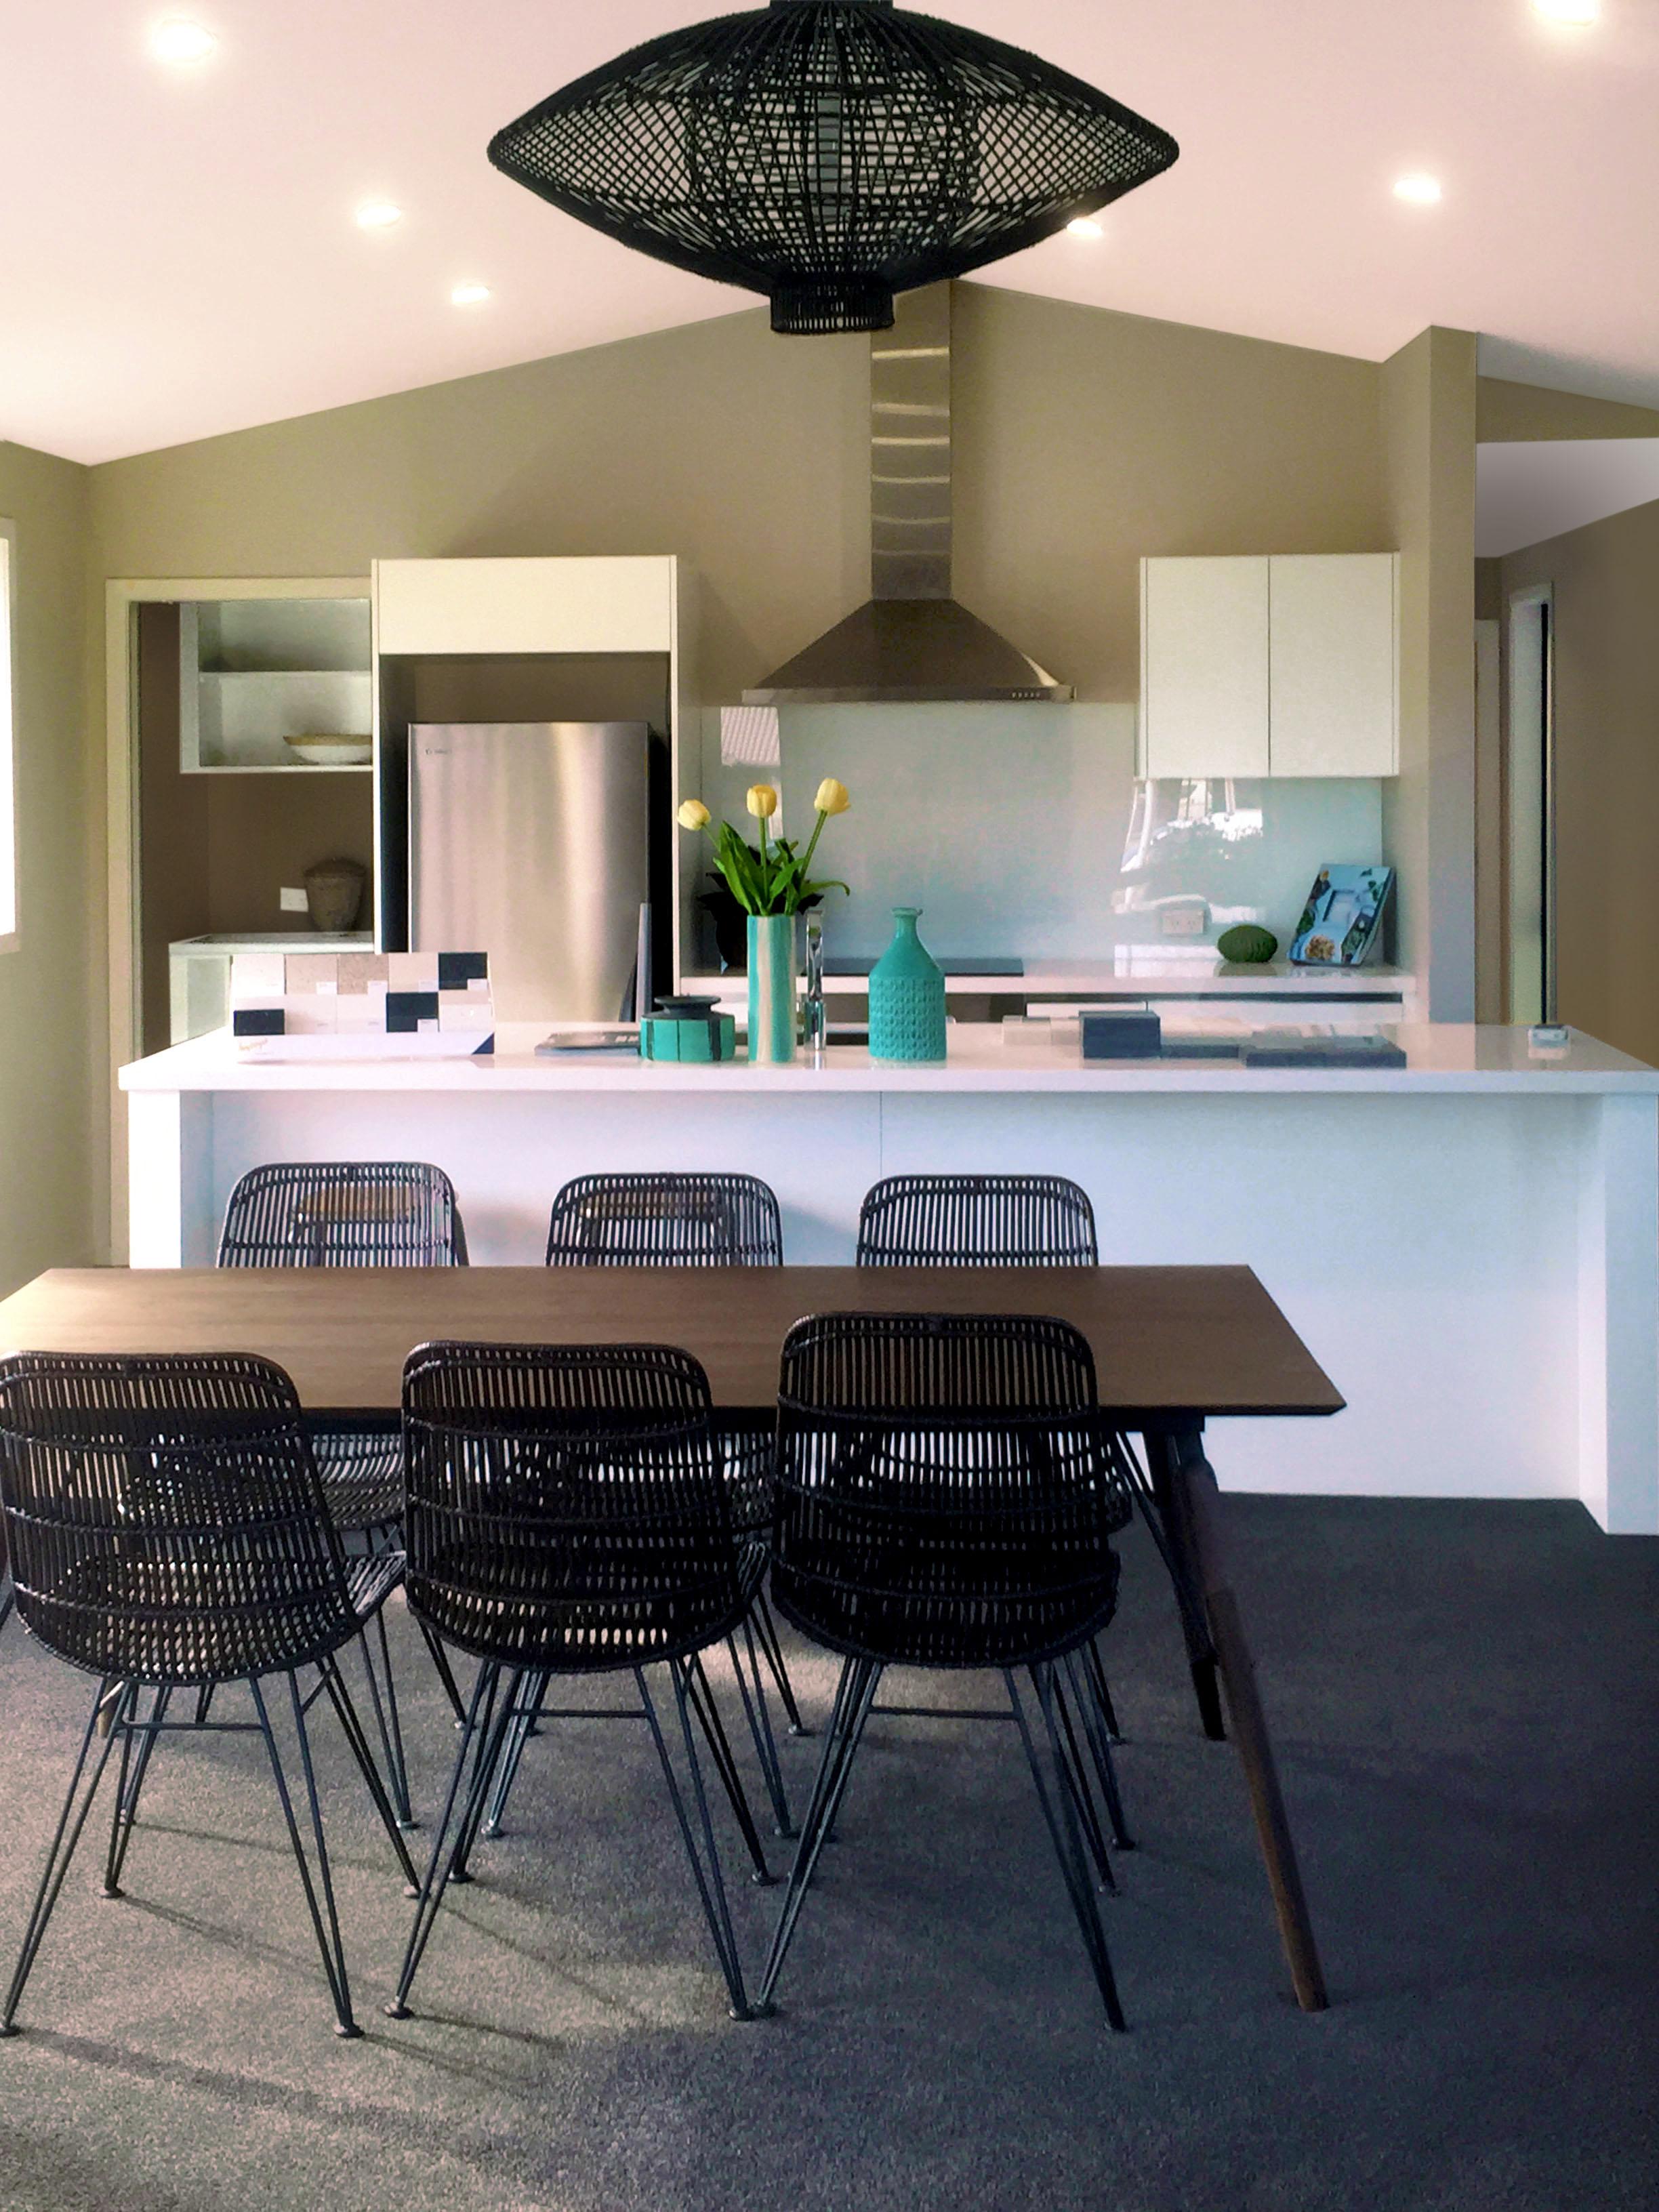 Stunning Newly Painted Tauranga Home